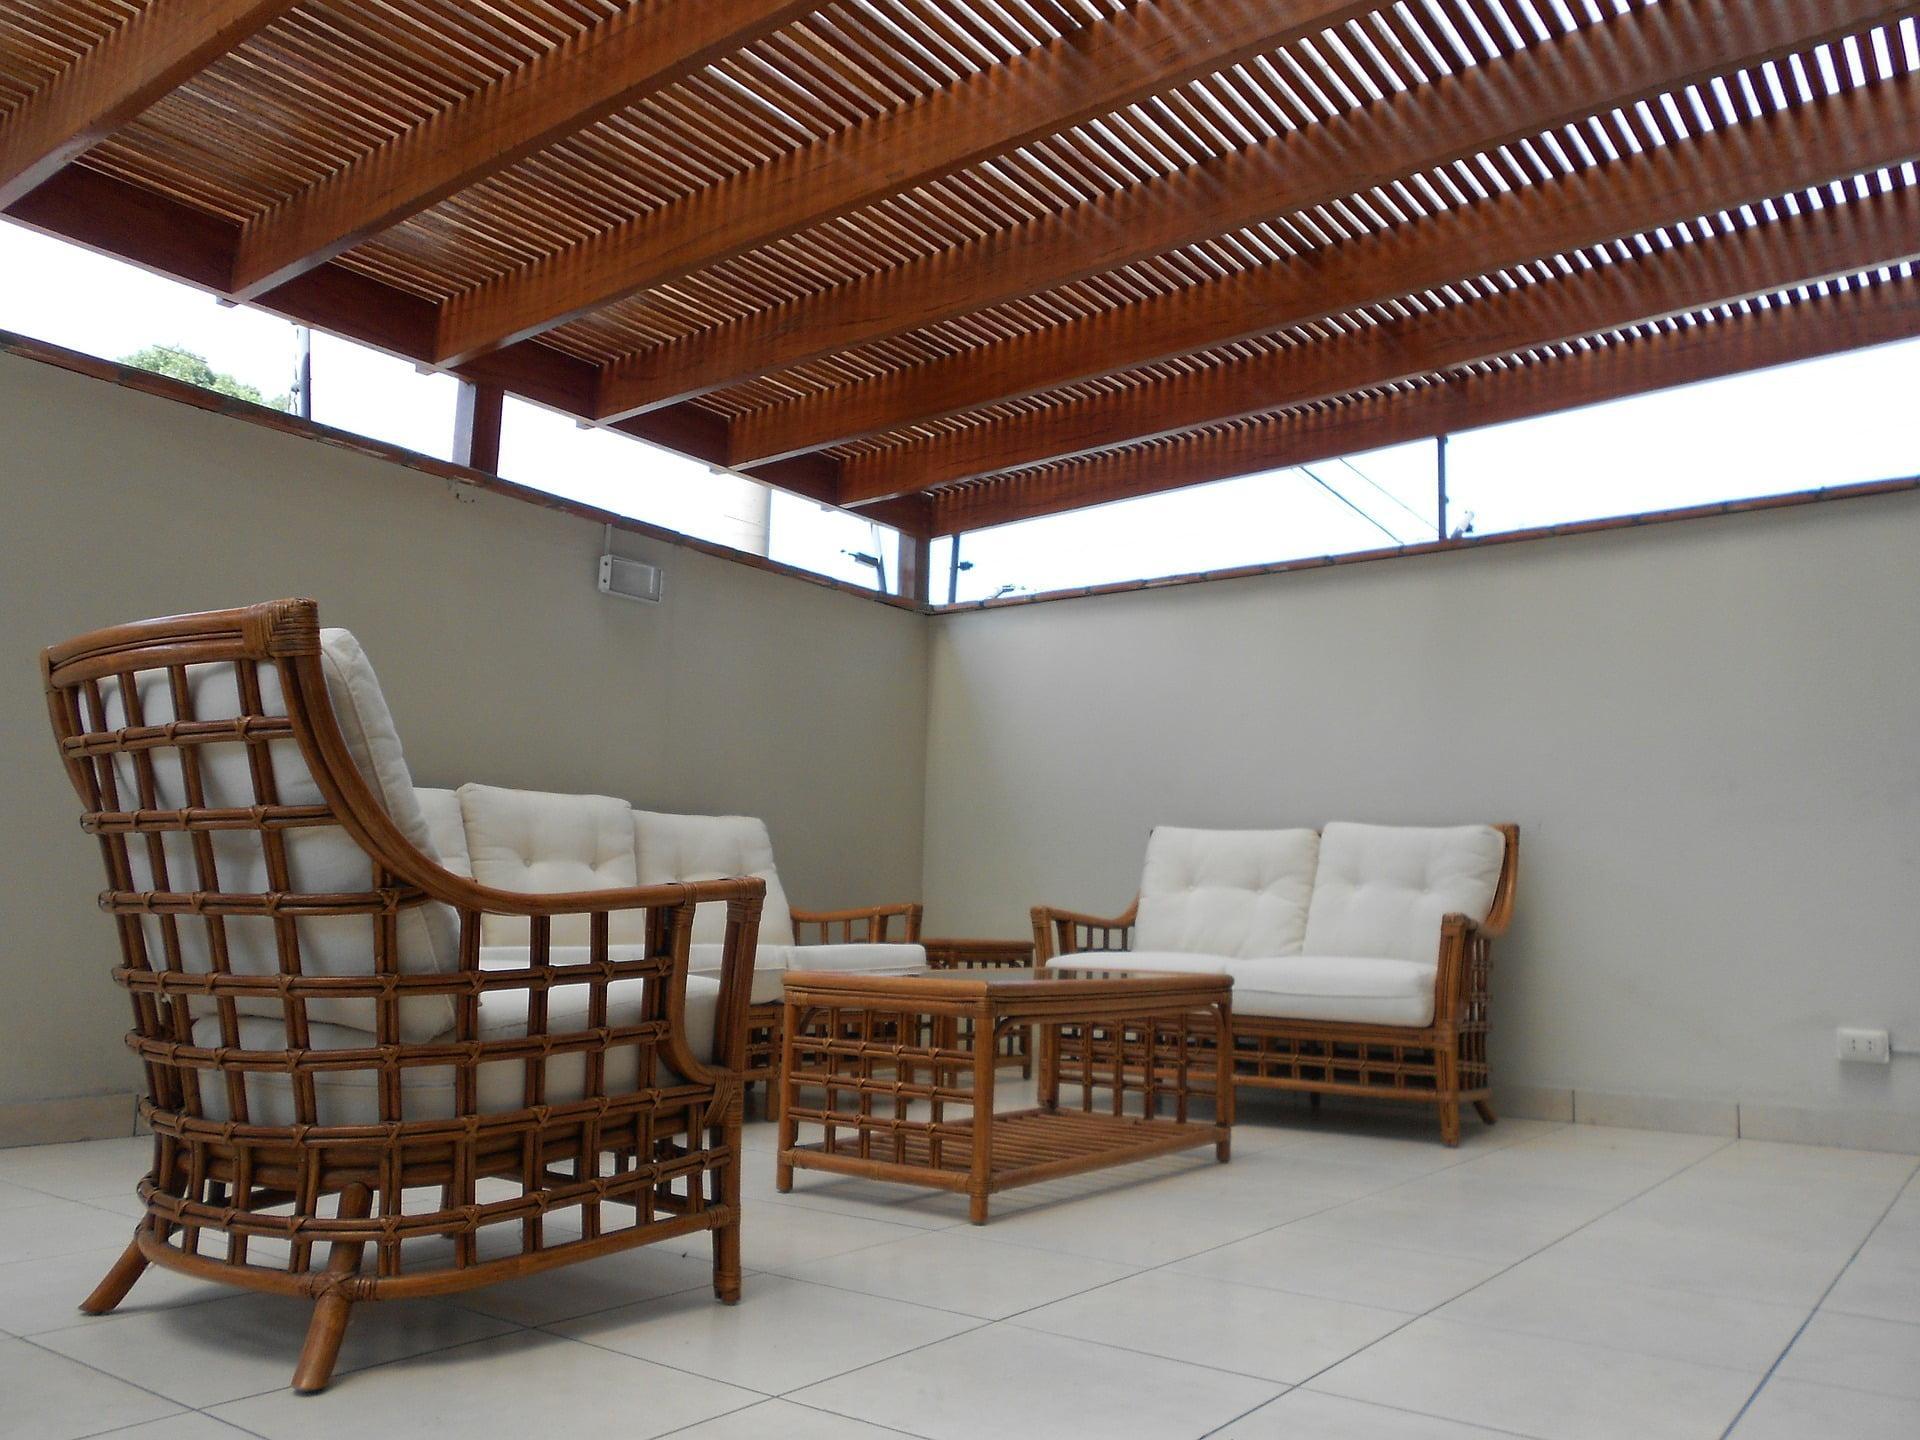 MLINAR d.o.o., balkonske ograje, vrtne ute, pergole in brunarice, nadstreški za avte iz lesa, sedežne garniture in klopi, predelava lesa, lesene ograje 283